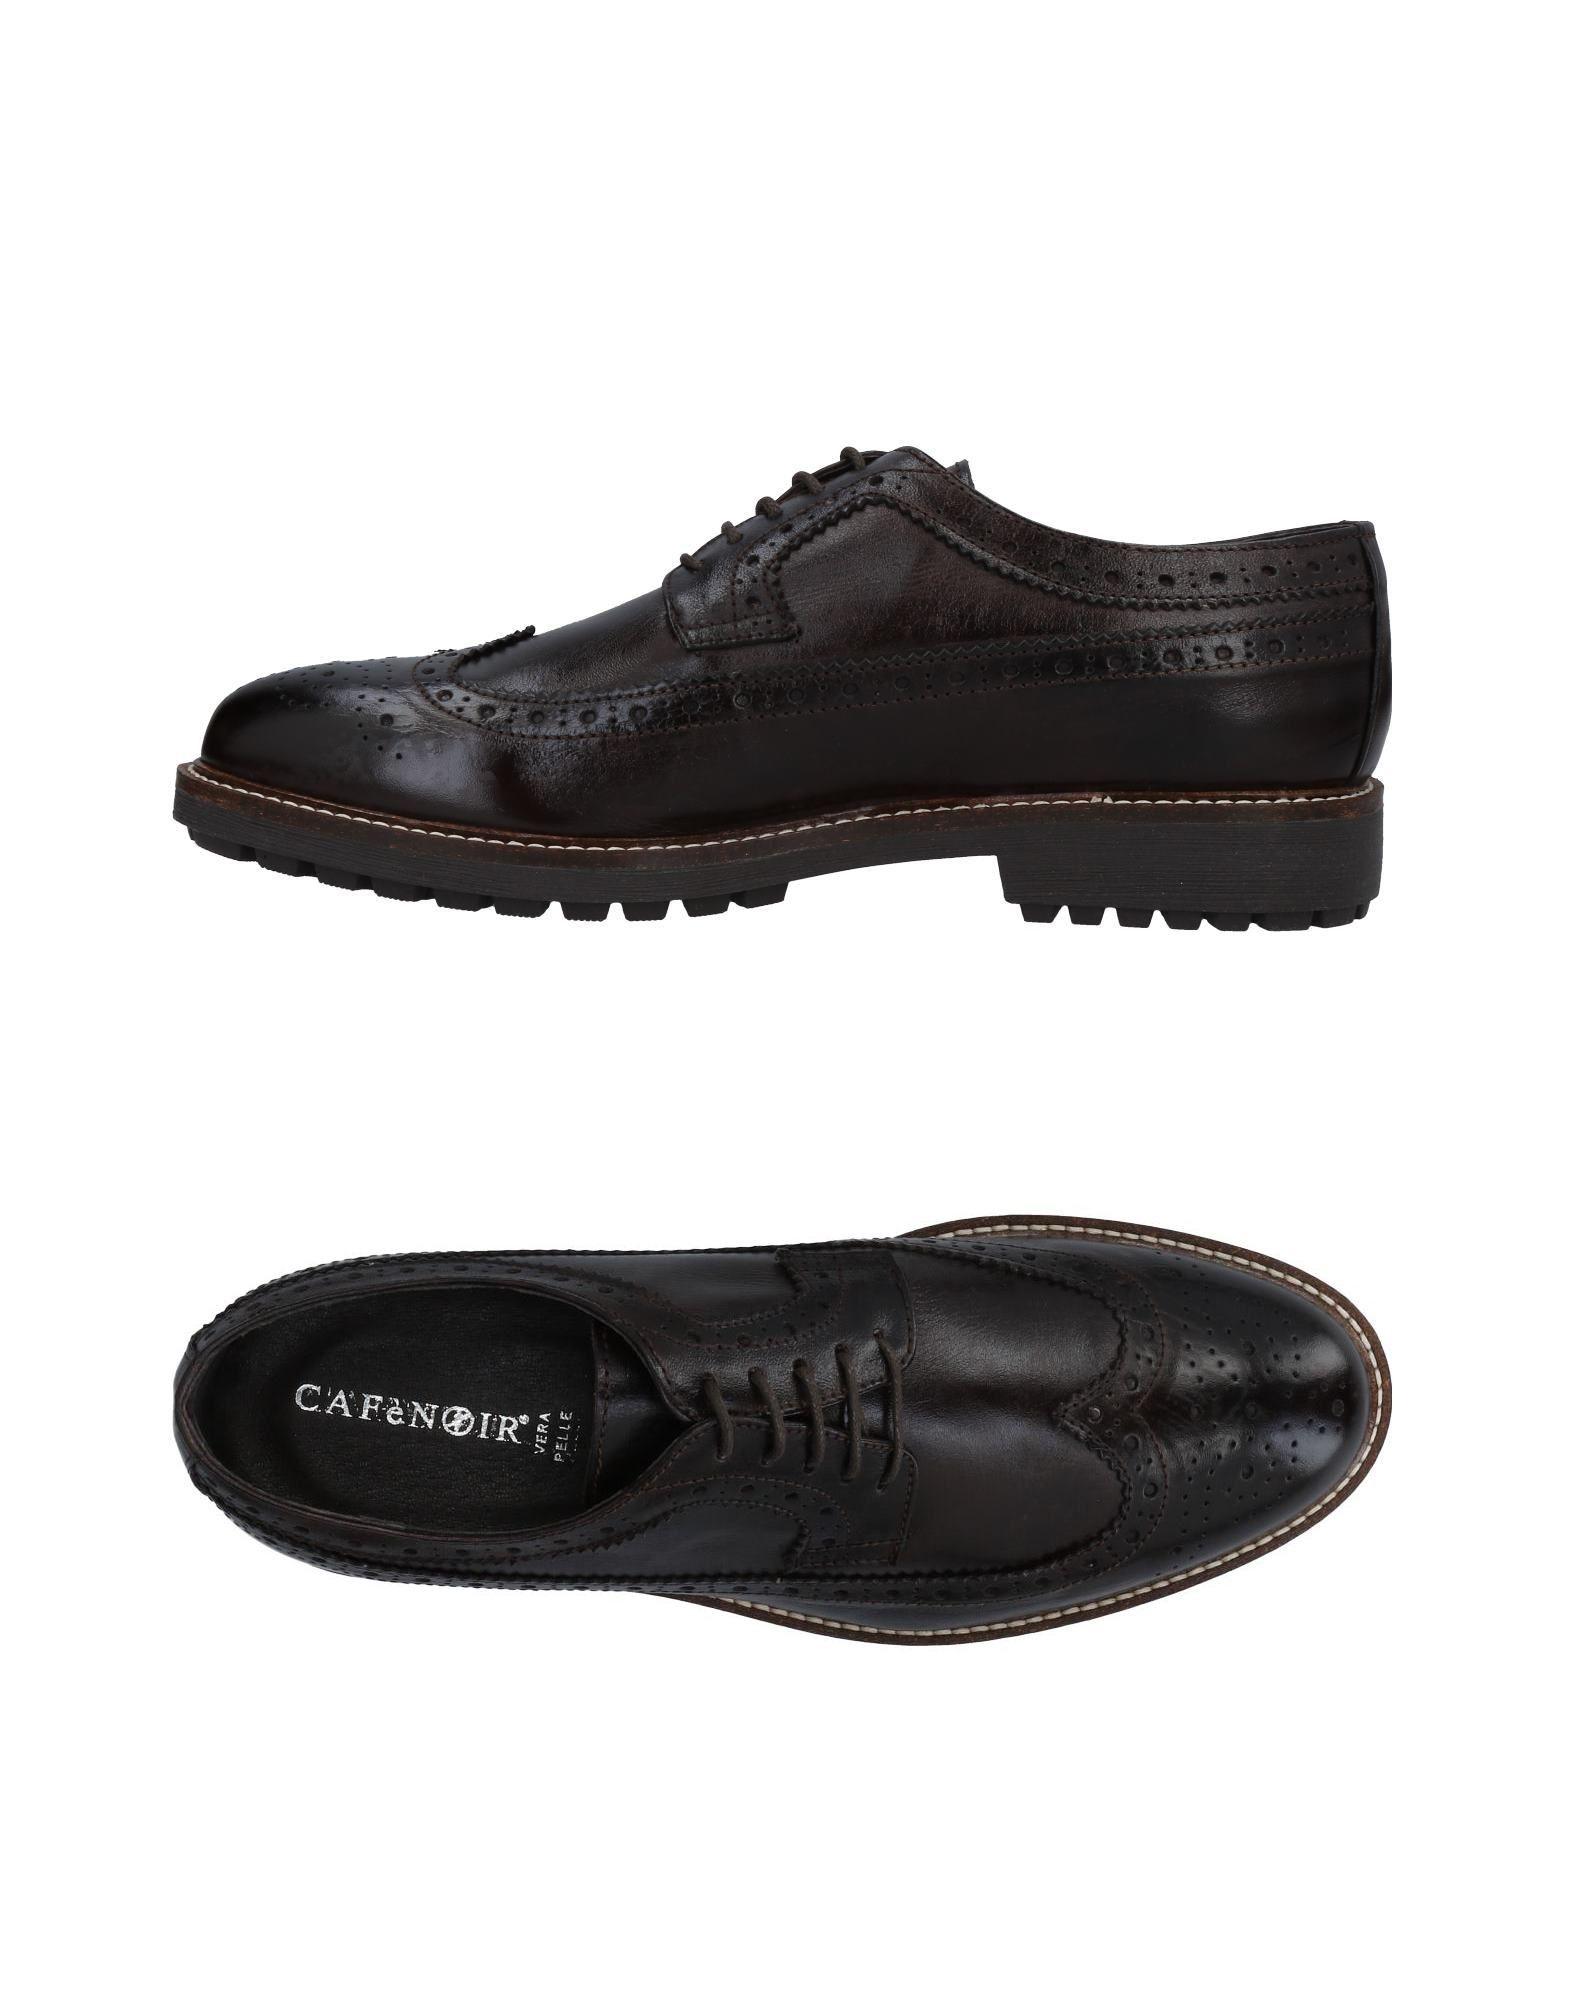 Cafènoir Heiße Schnürschuhe Herren  11478448NU Heiße Cafènoir Schuhe 7c70cc